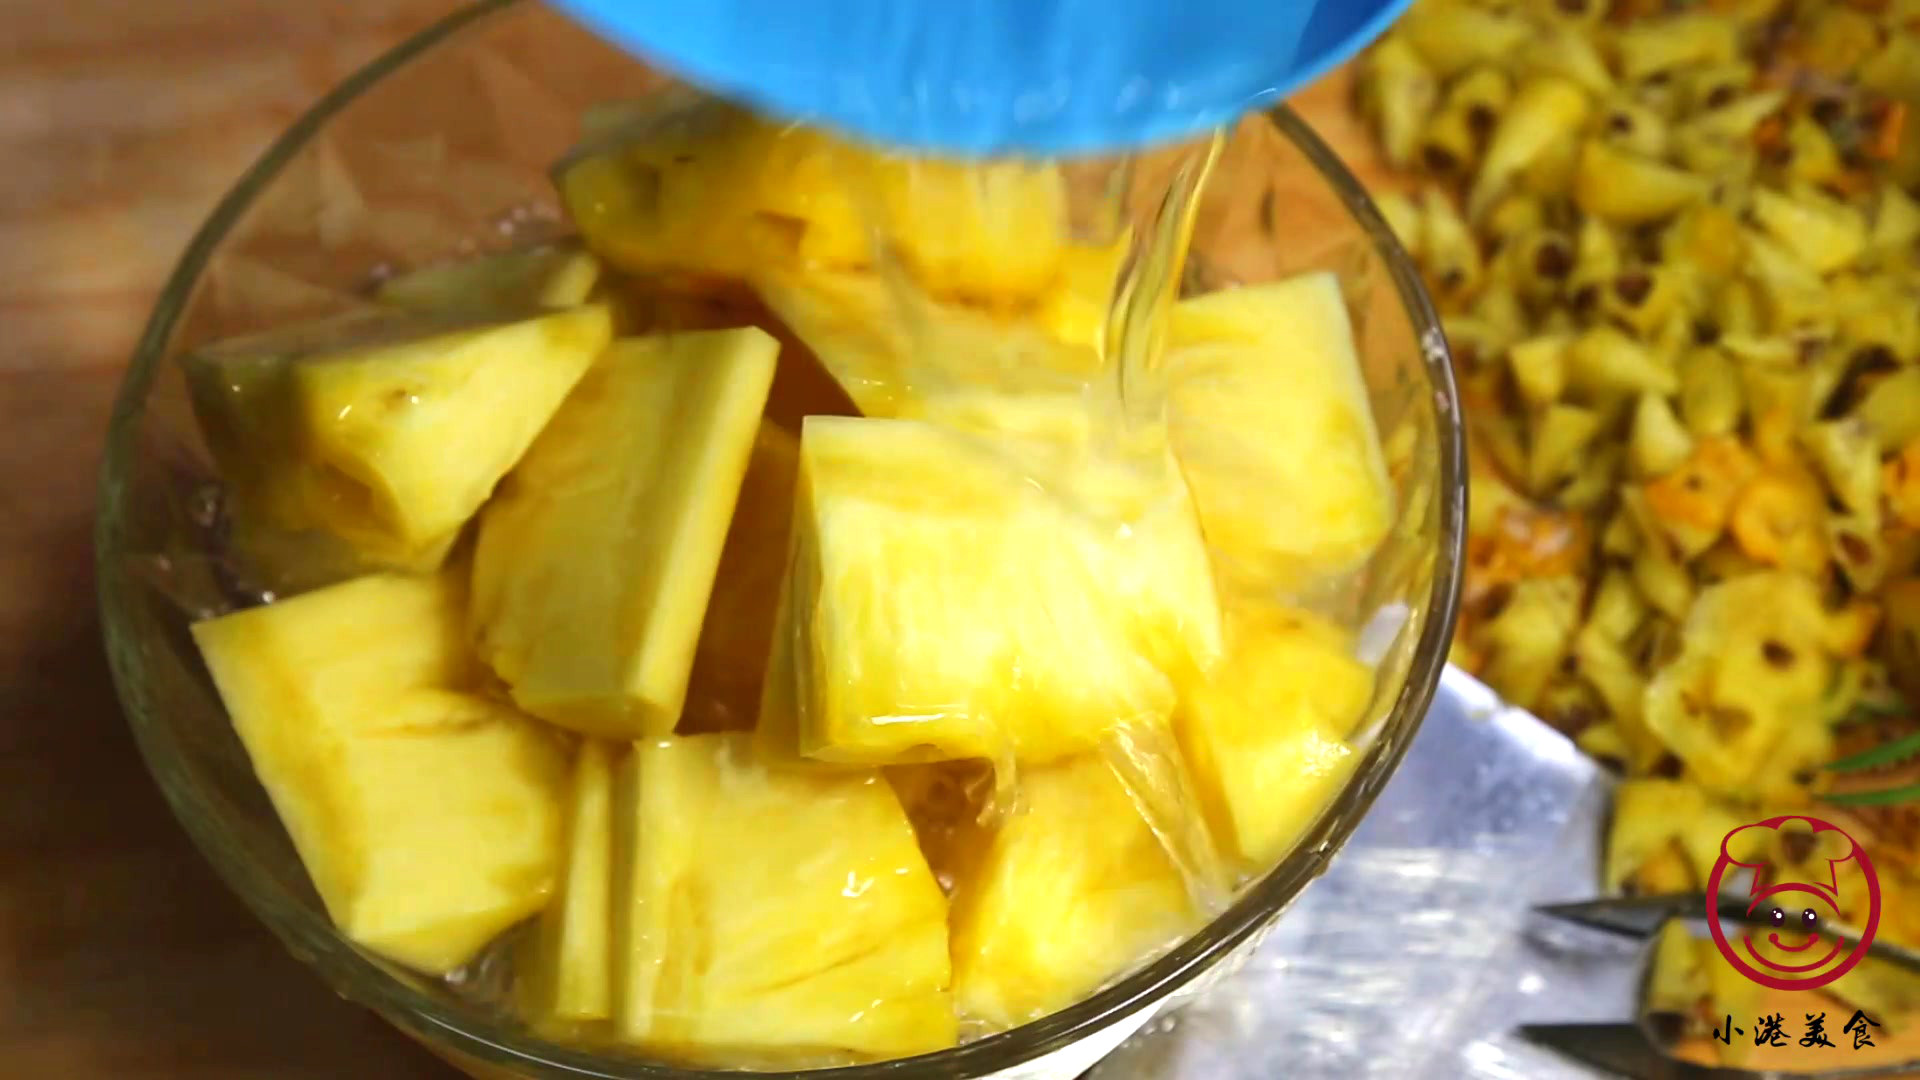 菠萝在家里怎么削皮(削菠萝有几种方法呢)插图(9)